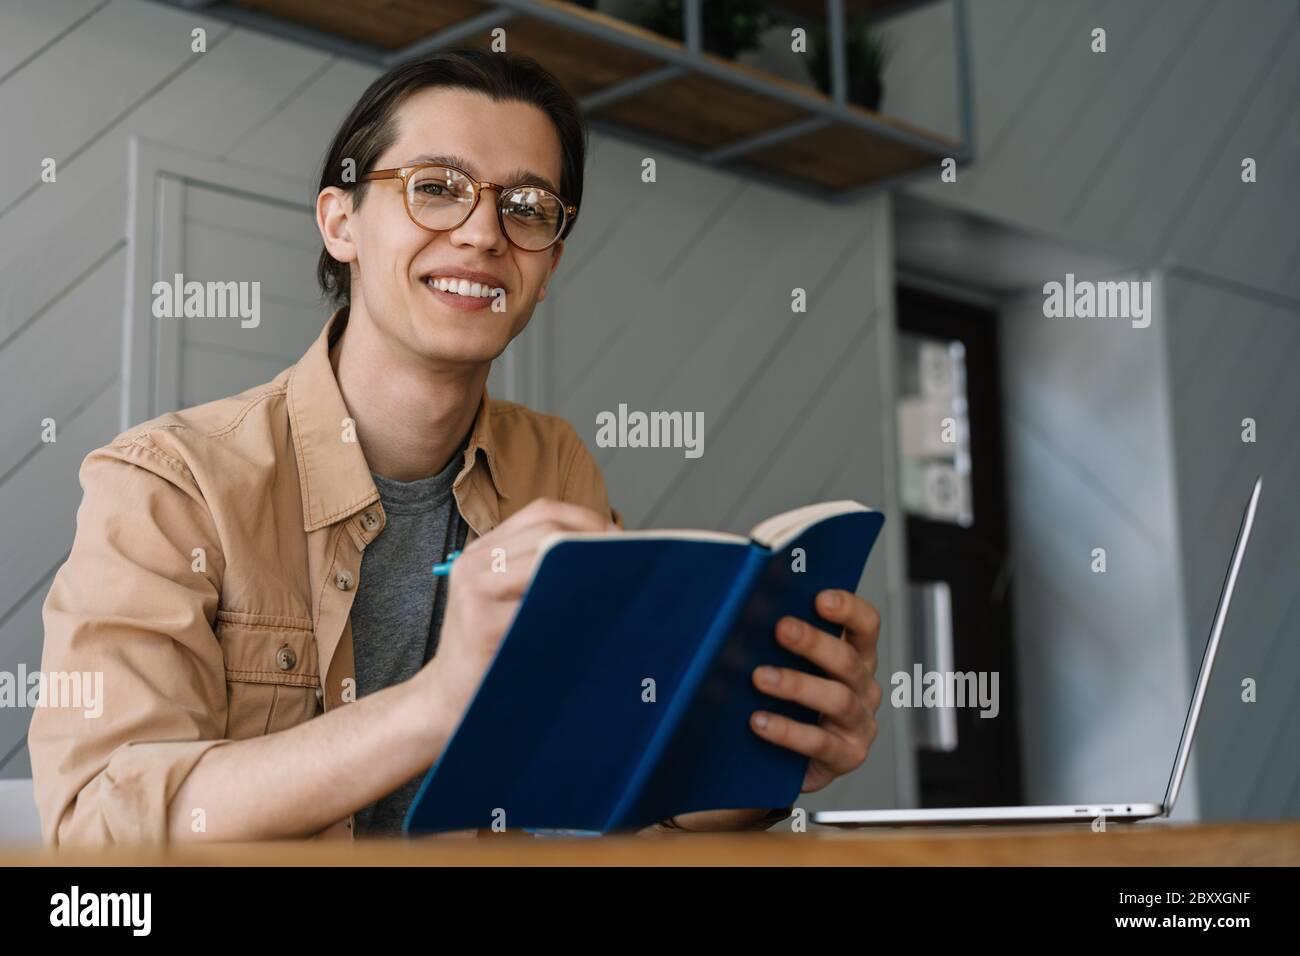 Estudiante estudiando, aprendizaje a distancia. Hombre hipster sonriente tomando notas en el cuaderno, trabajando proyecto independiente desde casa Foto de stock